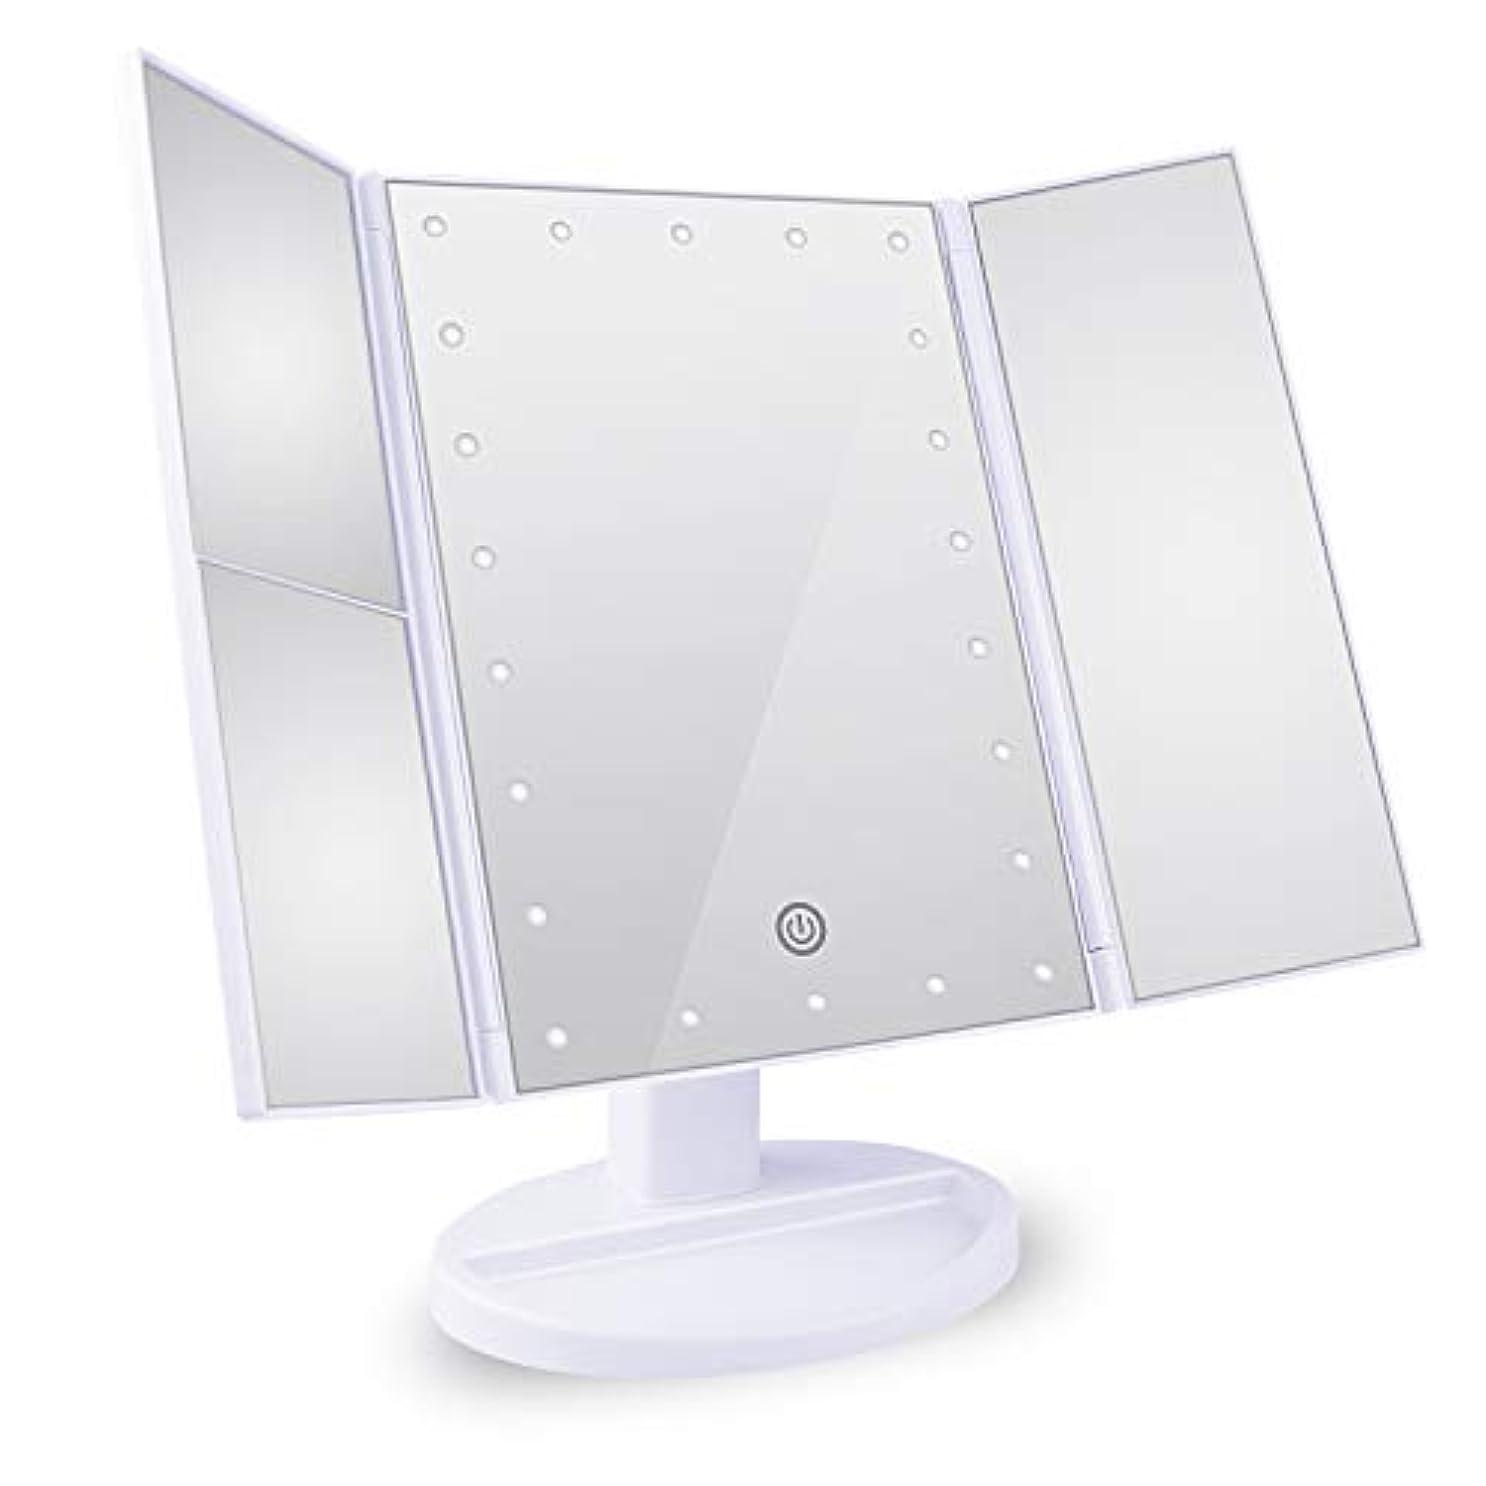 バイオレットくびれたコウモリTree. NB 化粧鏡 卓上鏡 拡大鏡 鏡 メイクミラー 2倍&3倍拡大可能 LEDライトミラー 明るさ調節可能 180°回転 電池&USB 2WAY給電